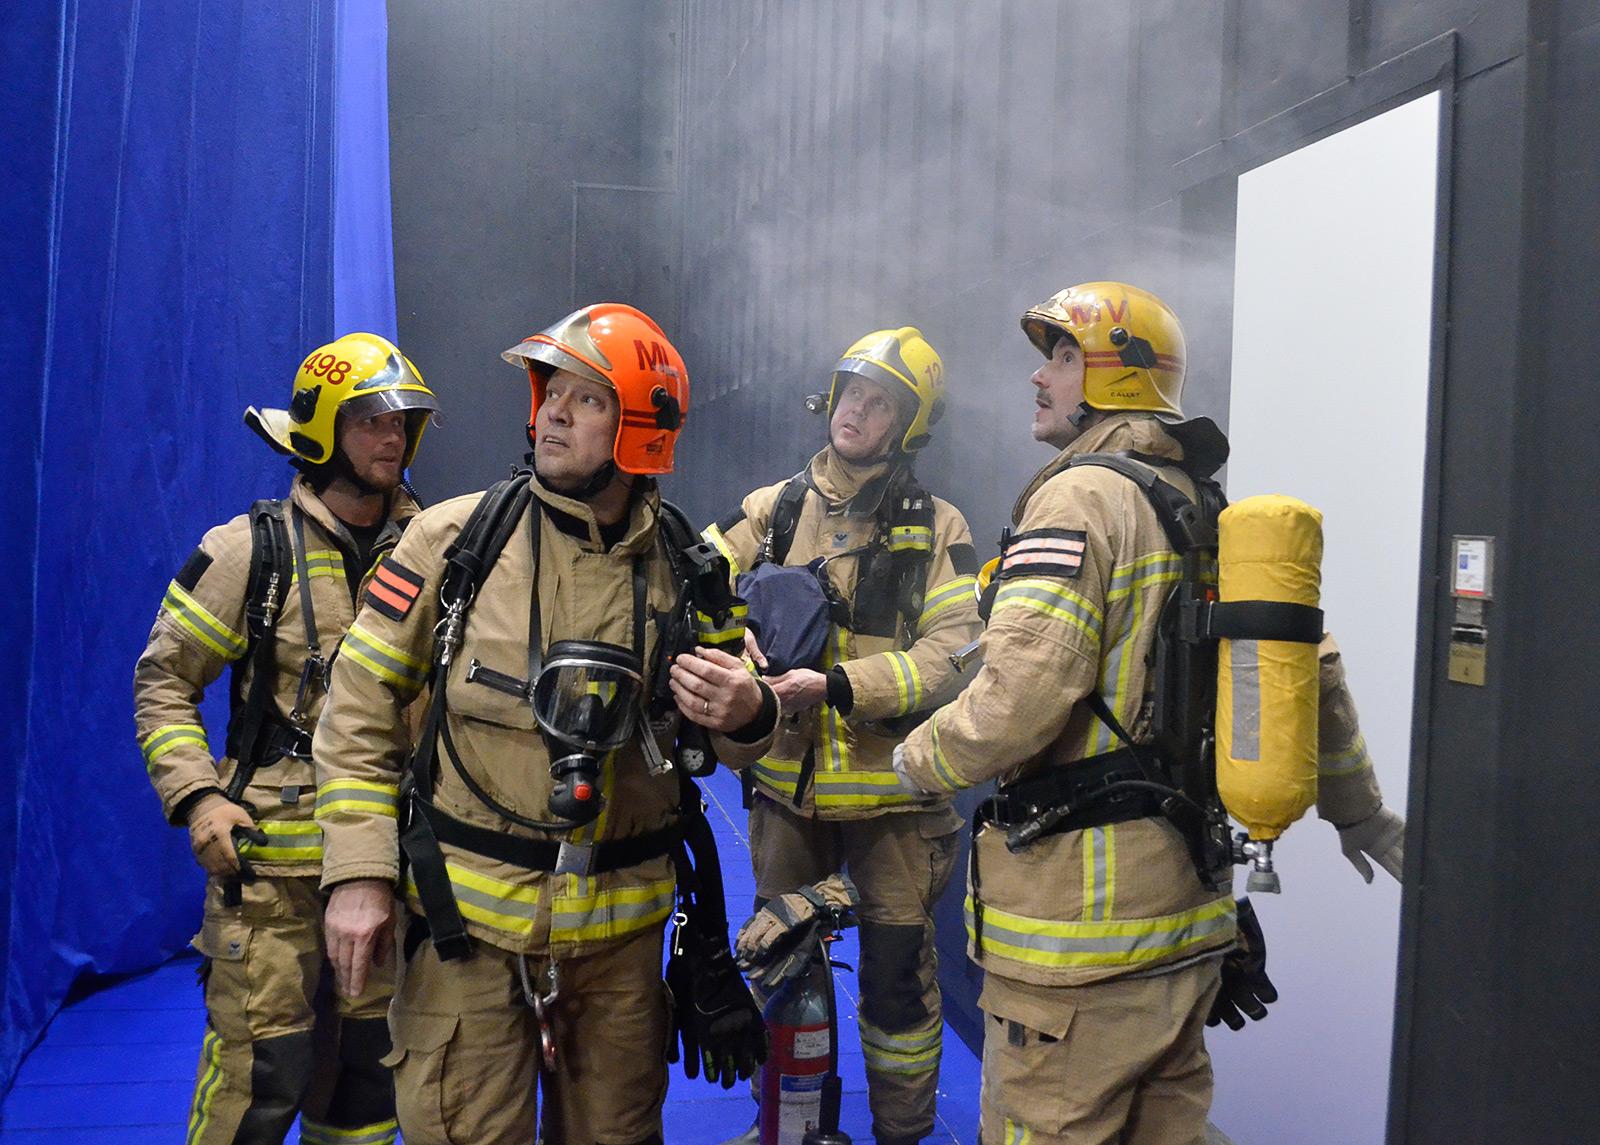 Palorauta on yleensä peltinen, koneellisesti nostettava ja laskettava seinä, joka erottaa ja sulkee näyttämön katsomosta. Seinä liikkuu myös käsivoimin, vaikka sähkönsyöttö katkeaisi. Helsingin kaupunginteatterissa on omat palorajoittimensa pää- ja sivunäyttämöillä.